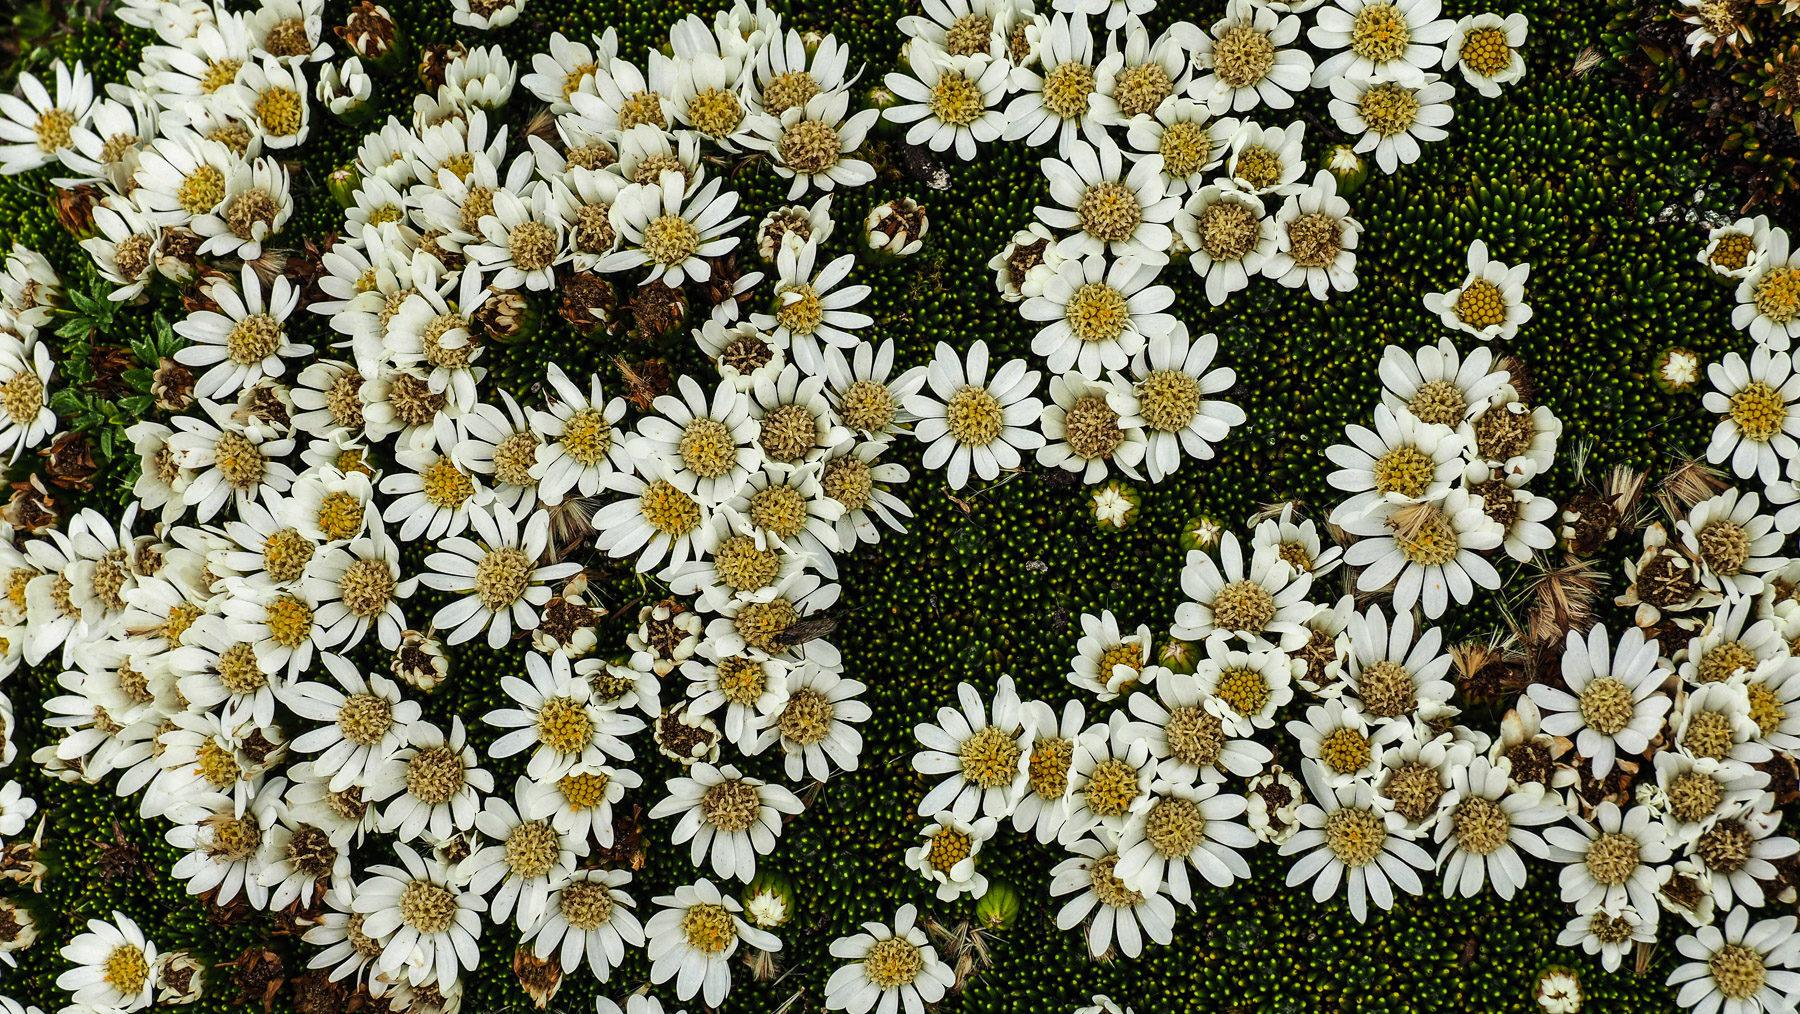 Die Blumen sind meistens ohne Stiel